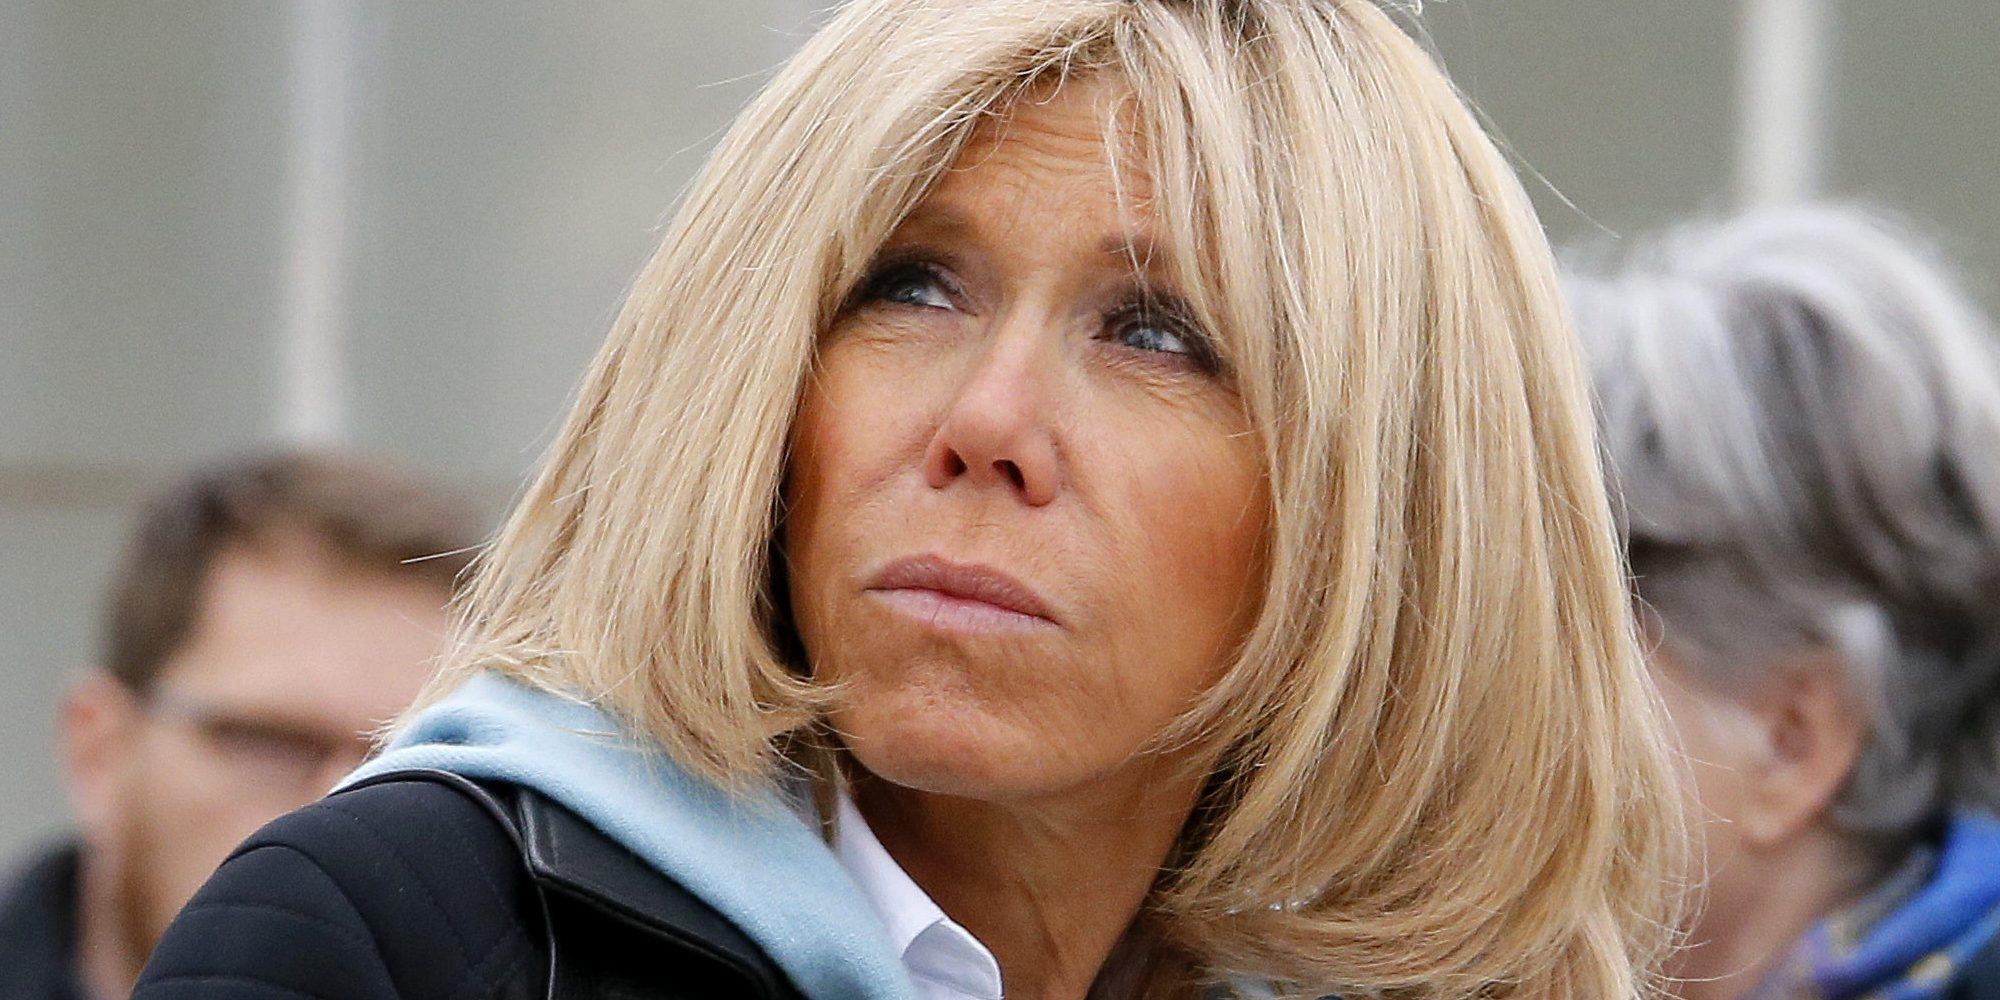 """Brigitte Macron desvela detalles sobre su vida con su marido: """"No es fácil cuando no tienes la misma edad"""""""